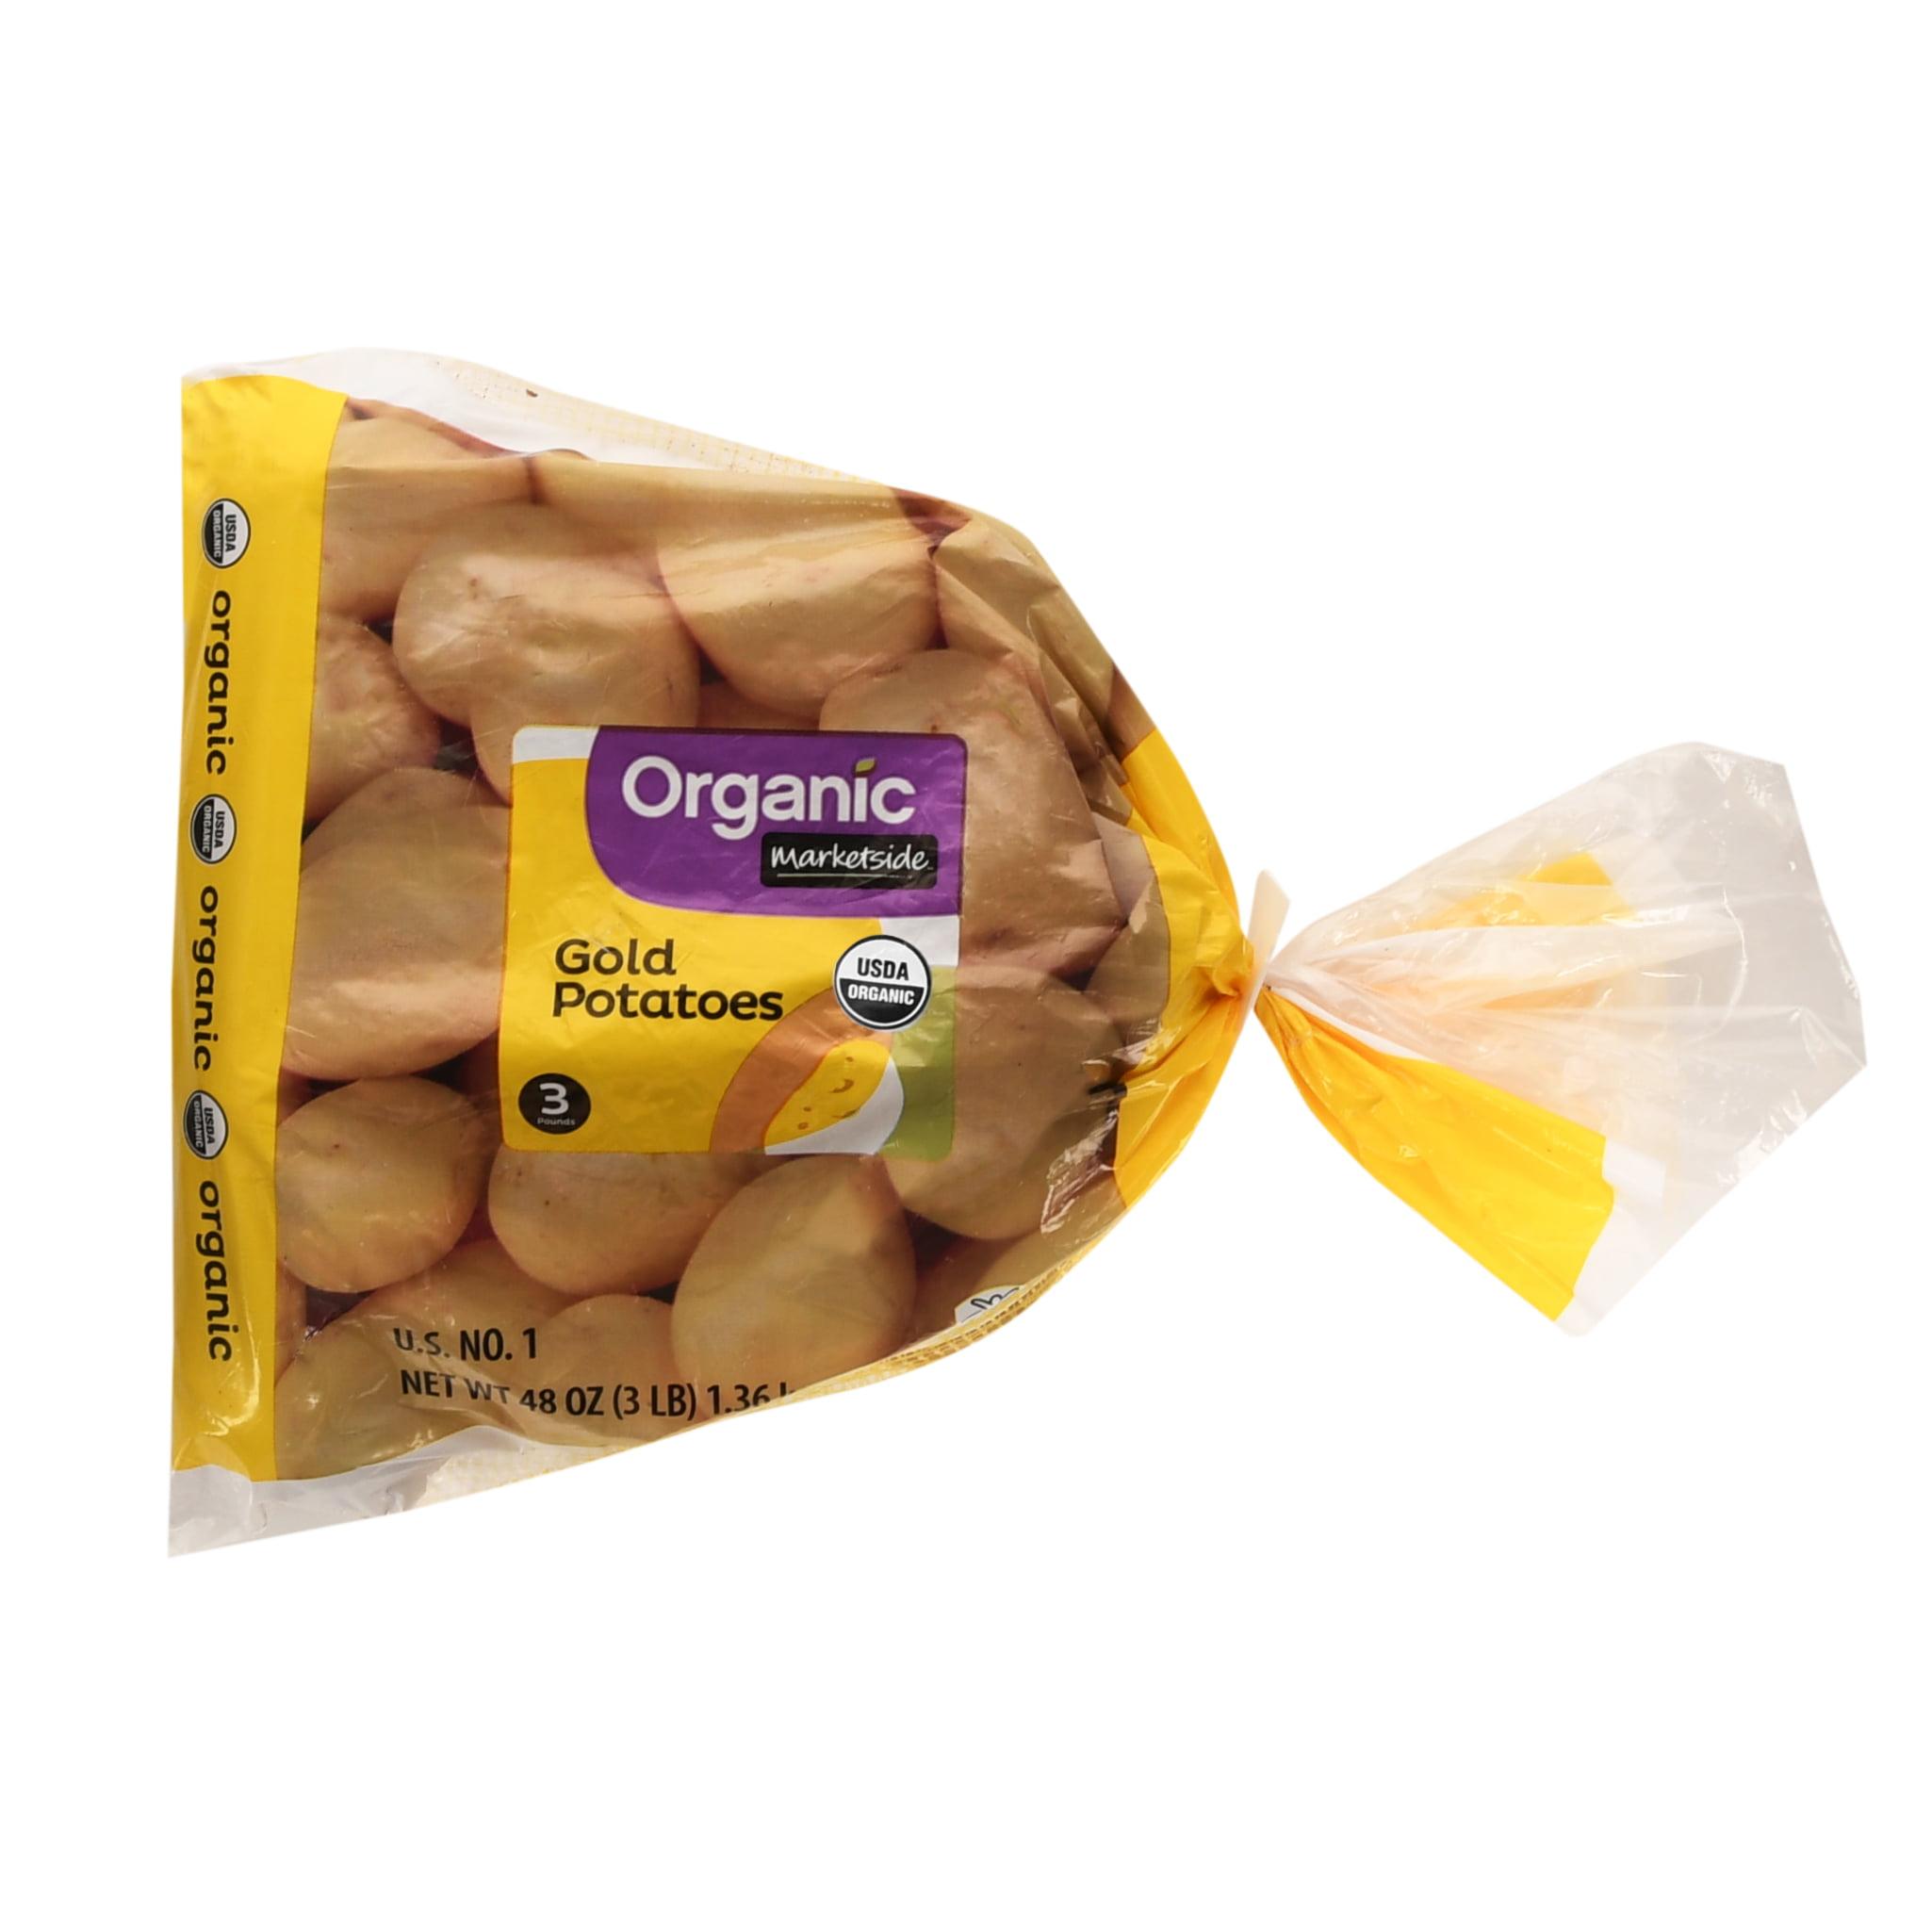 Marketside Organic Gold Potatoes, 3 lb Bag